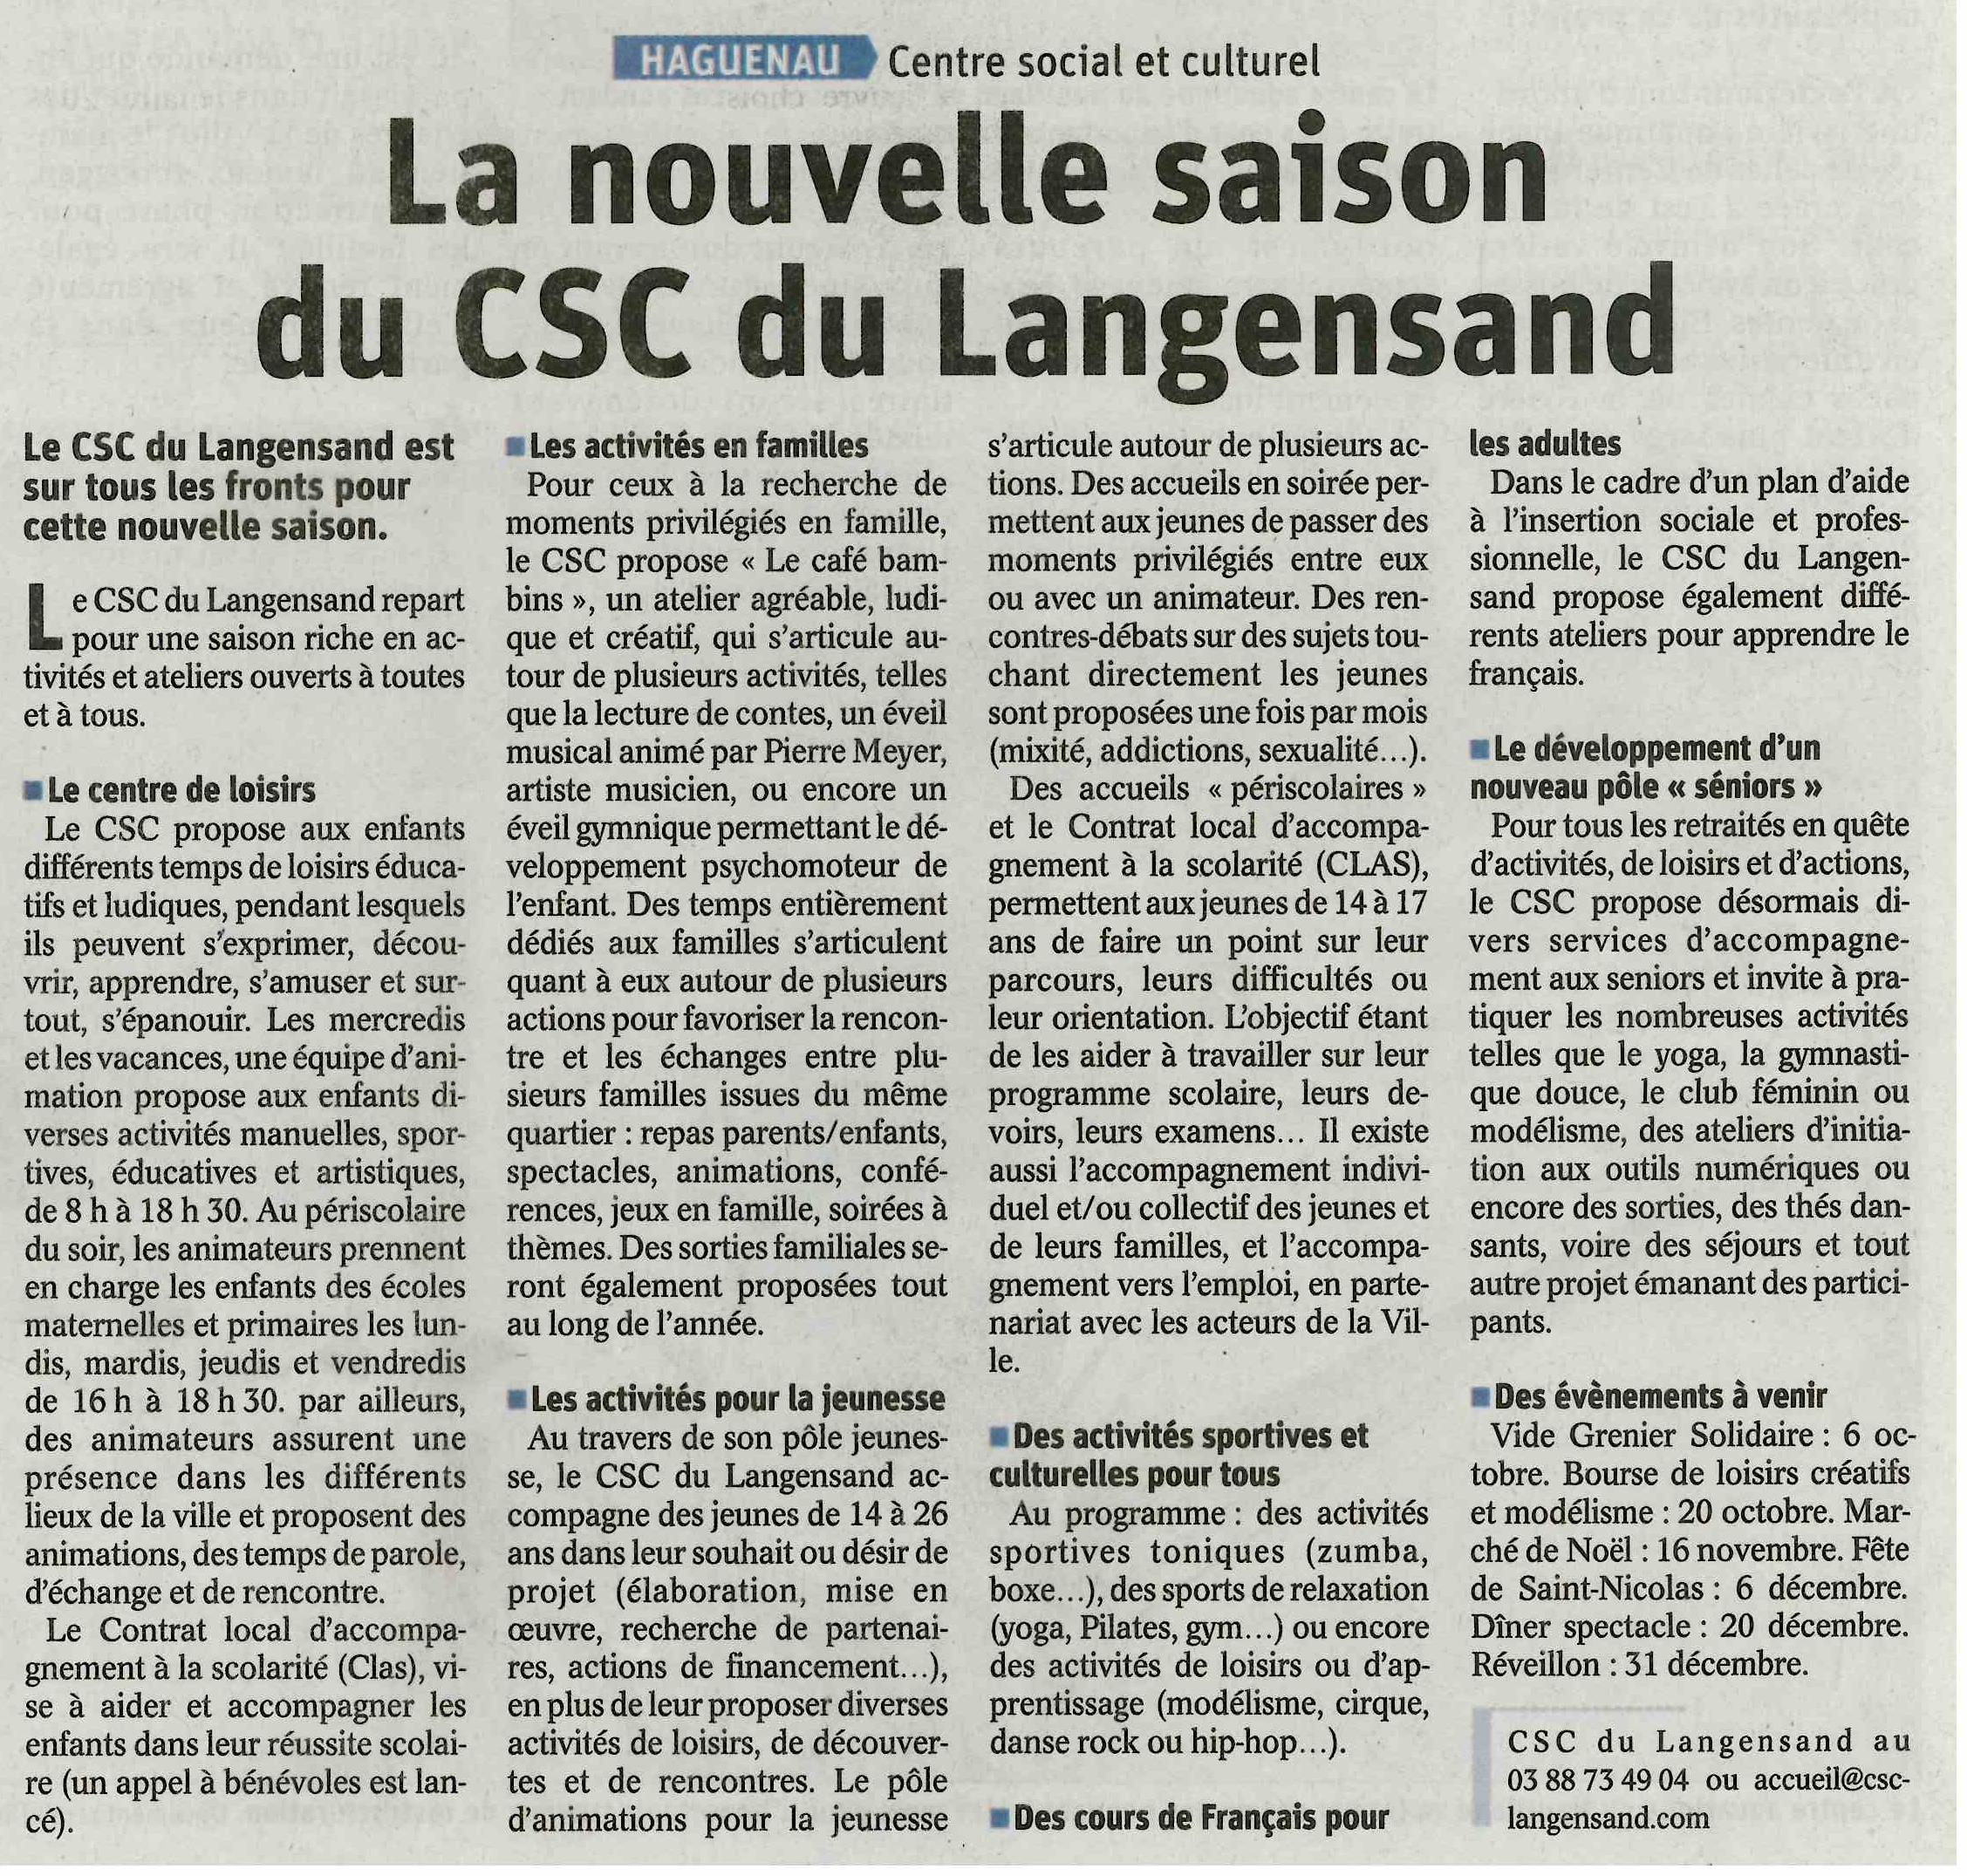 La nouvelle saison du CSC du Langensand